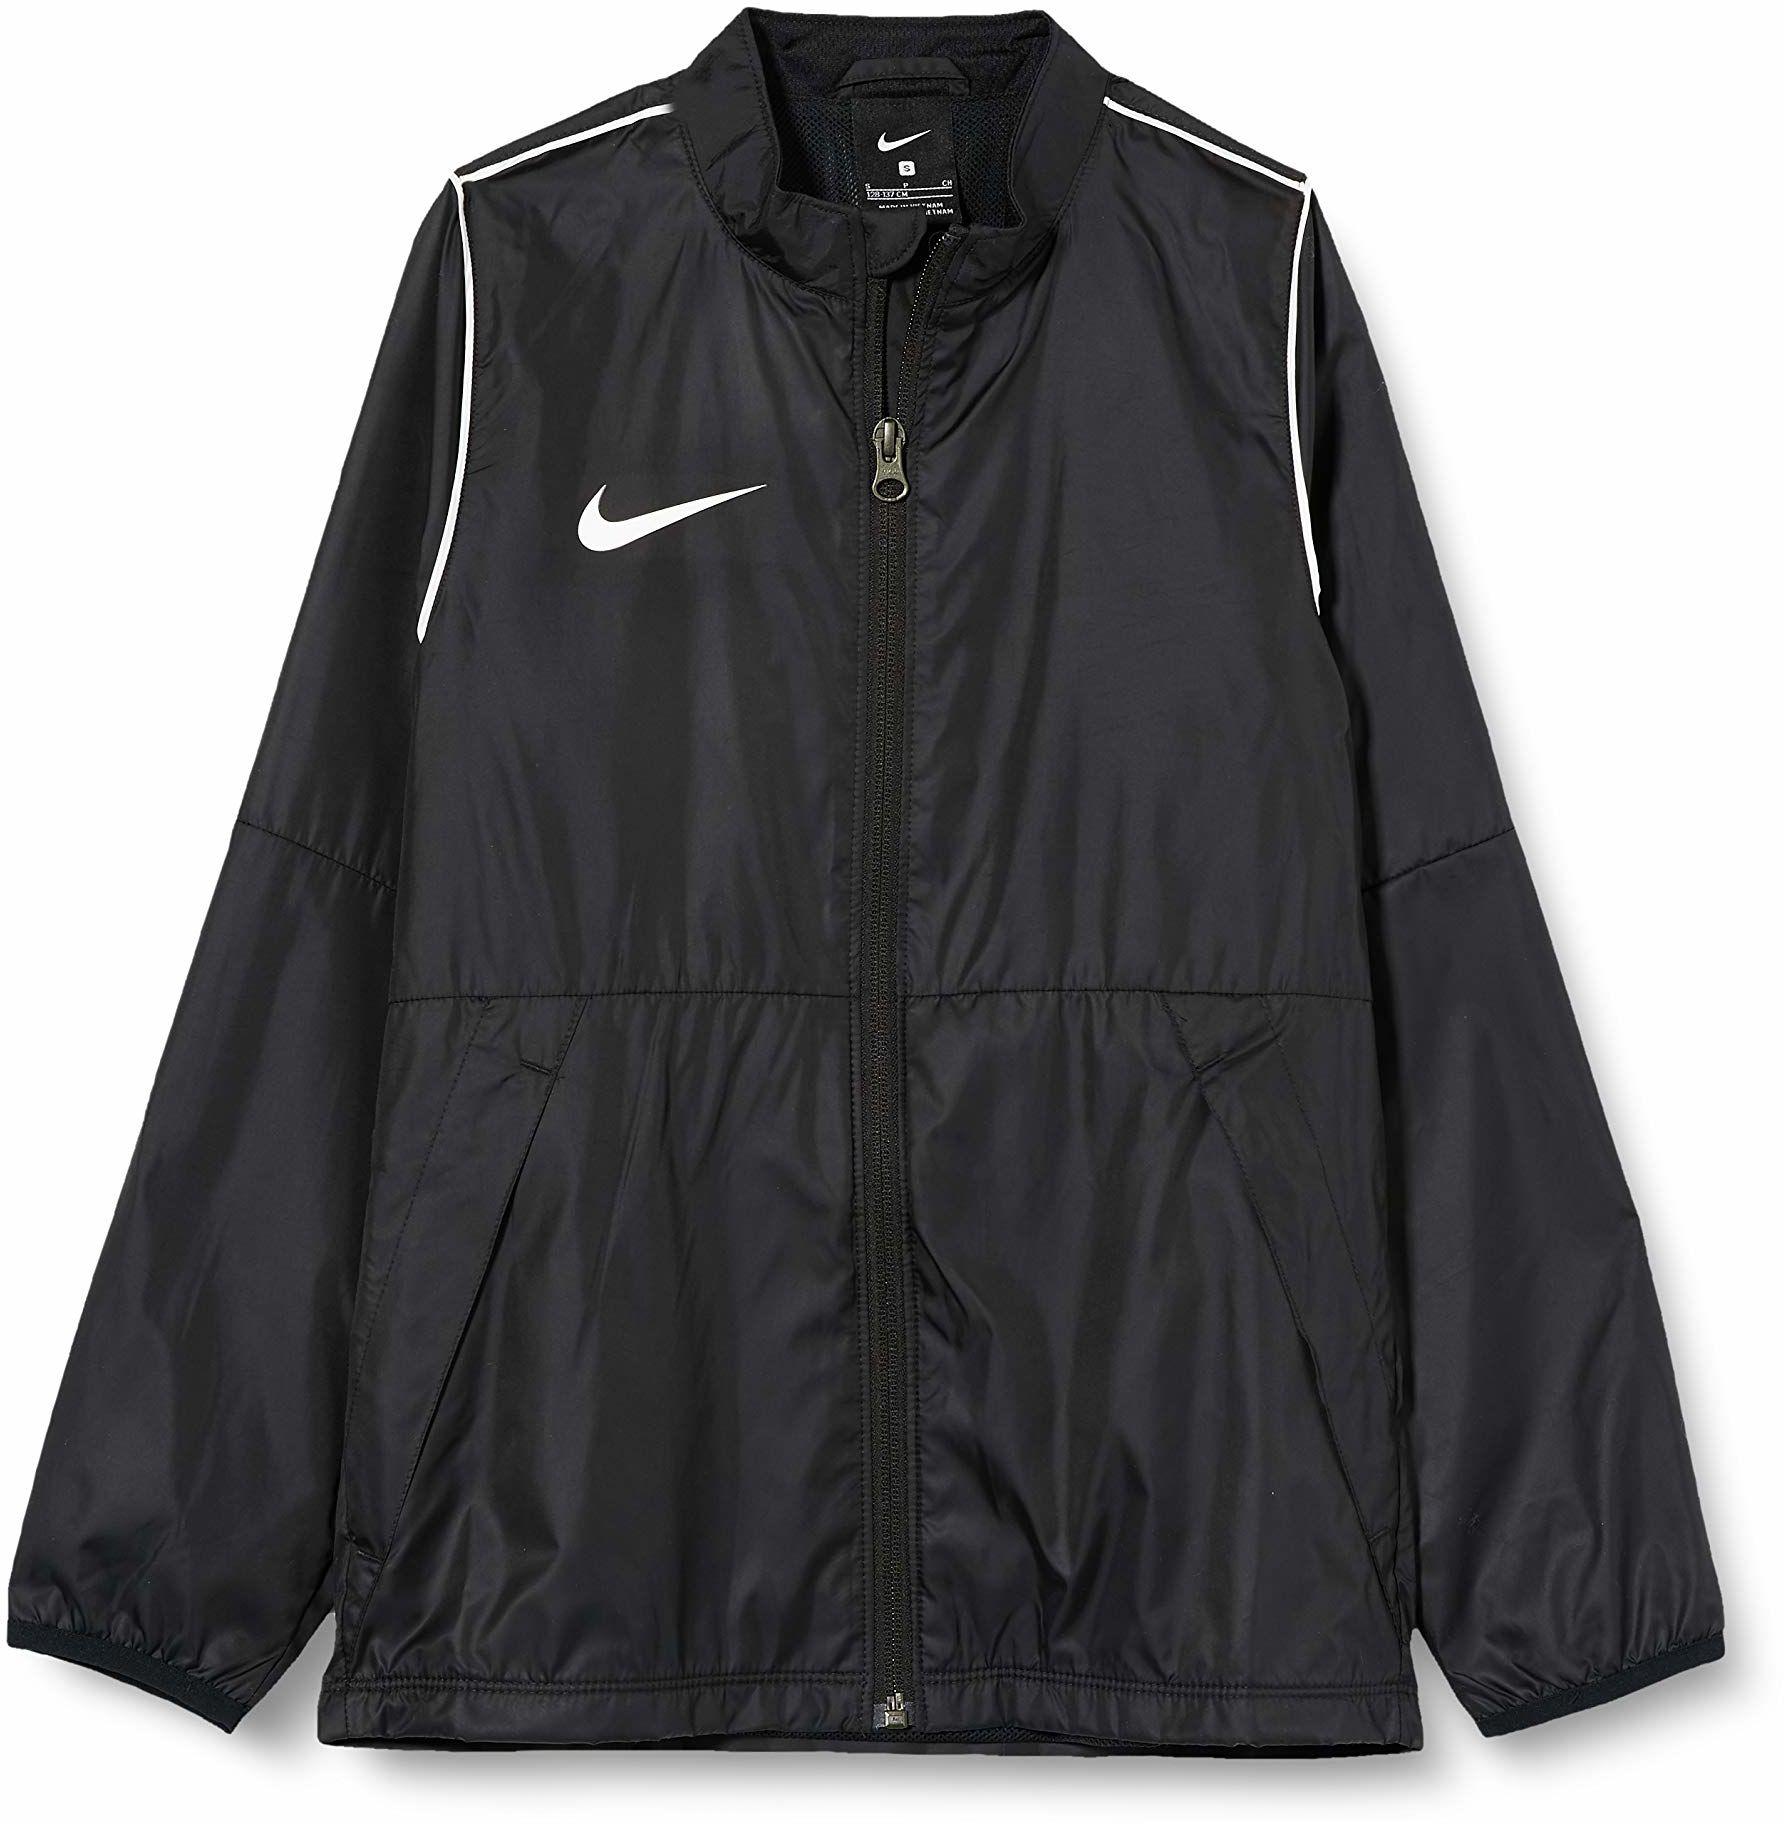 Nike Unisex dziecięca Y Nk Rpl Park20 Rn Jkt W kurtka sportowa Czarny/Biały/Biały M